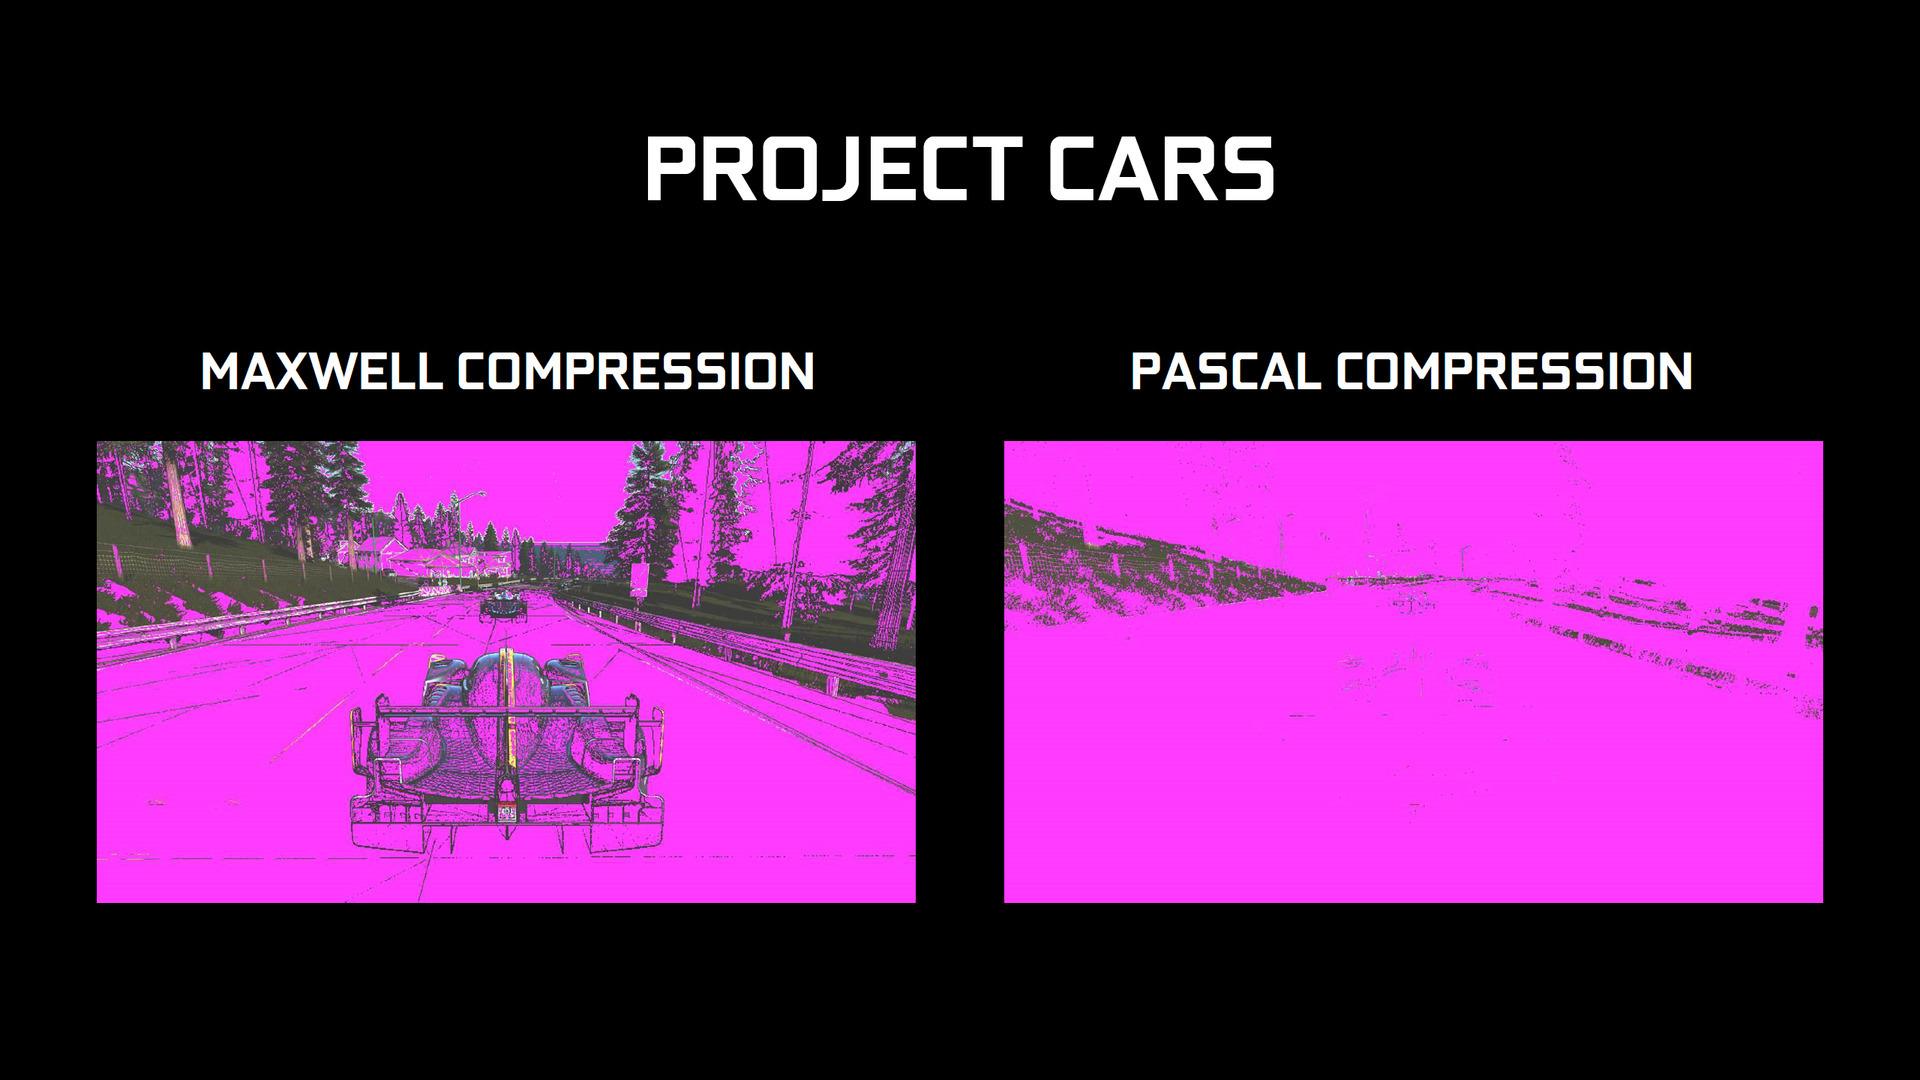 「Project Cars」での比較。Maxwellではエッジ部分が圧縮できずに残っていたところも、Pascal世代ではしっかり圧縮できているとする図